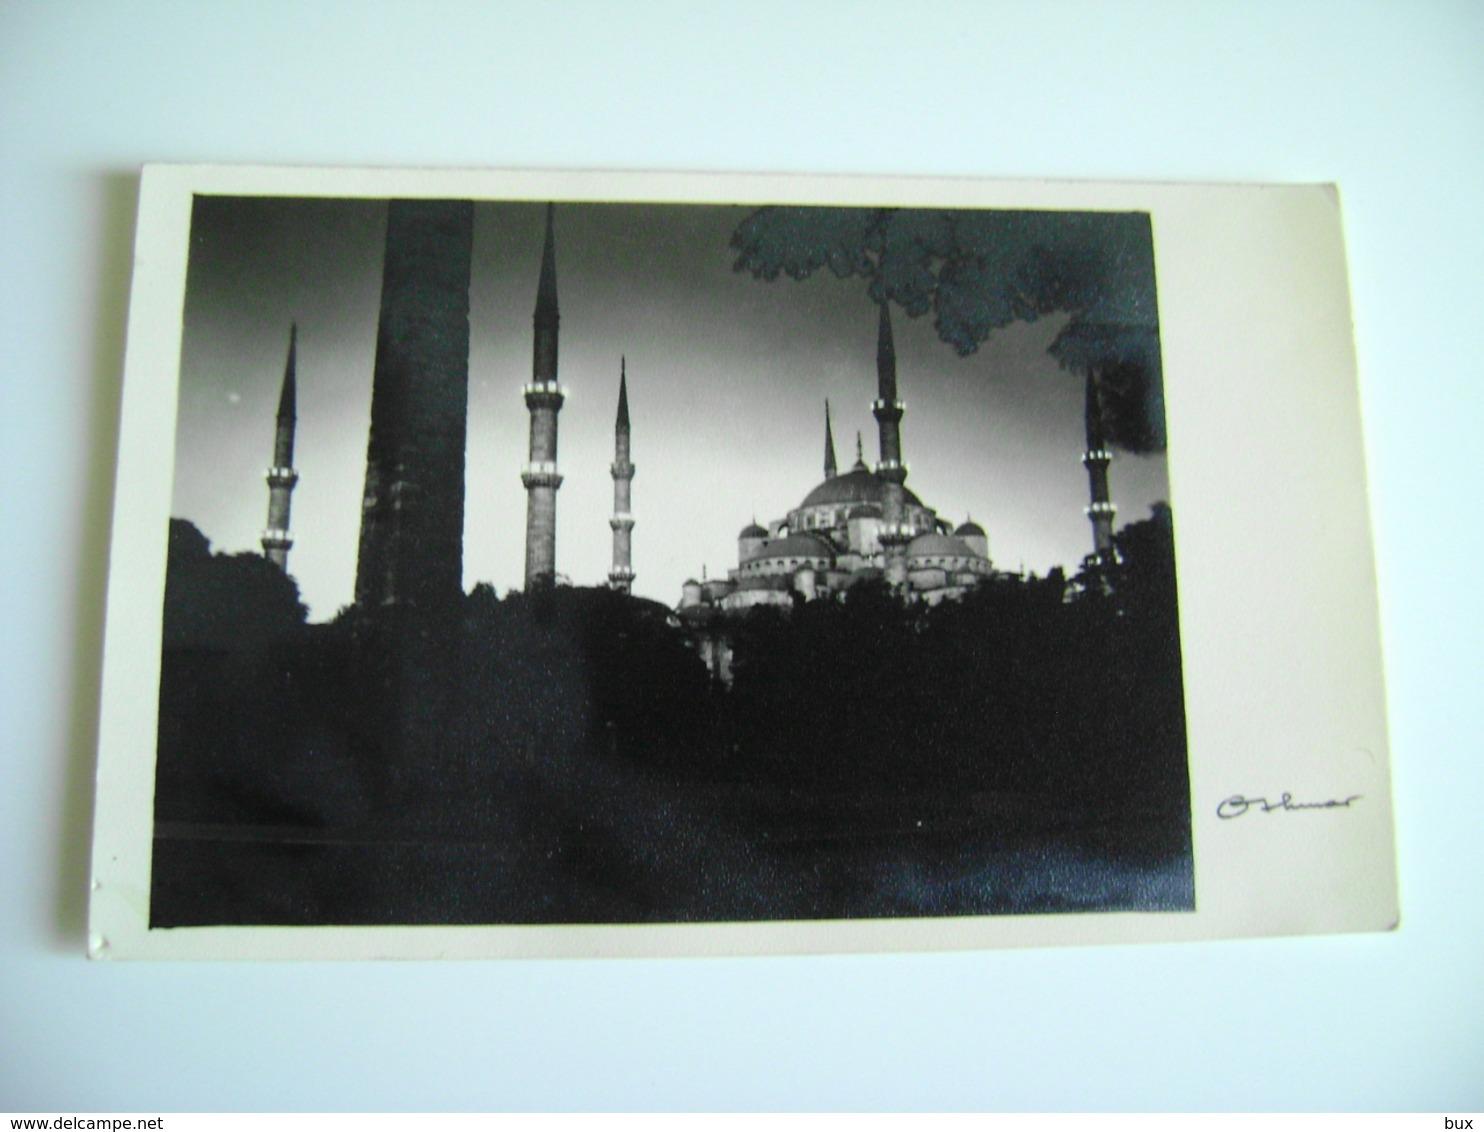 CARTE PHOTO , TURKEY, TURQUIE, ISTANBUL , SULTAN AHMET CAMII , SULTAN AHMET MOSQUE, - Turchia